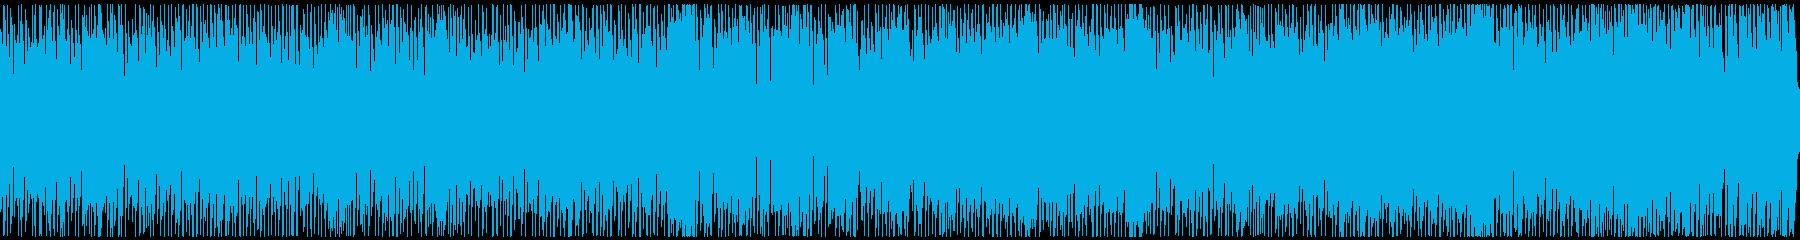 ポップなエスニック戦闘曲(ループ)の再生済みの波形